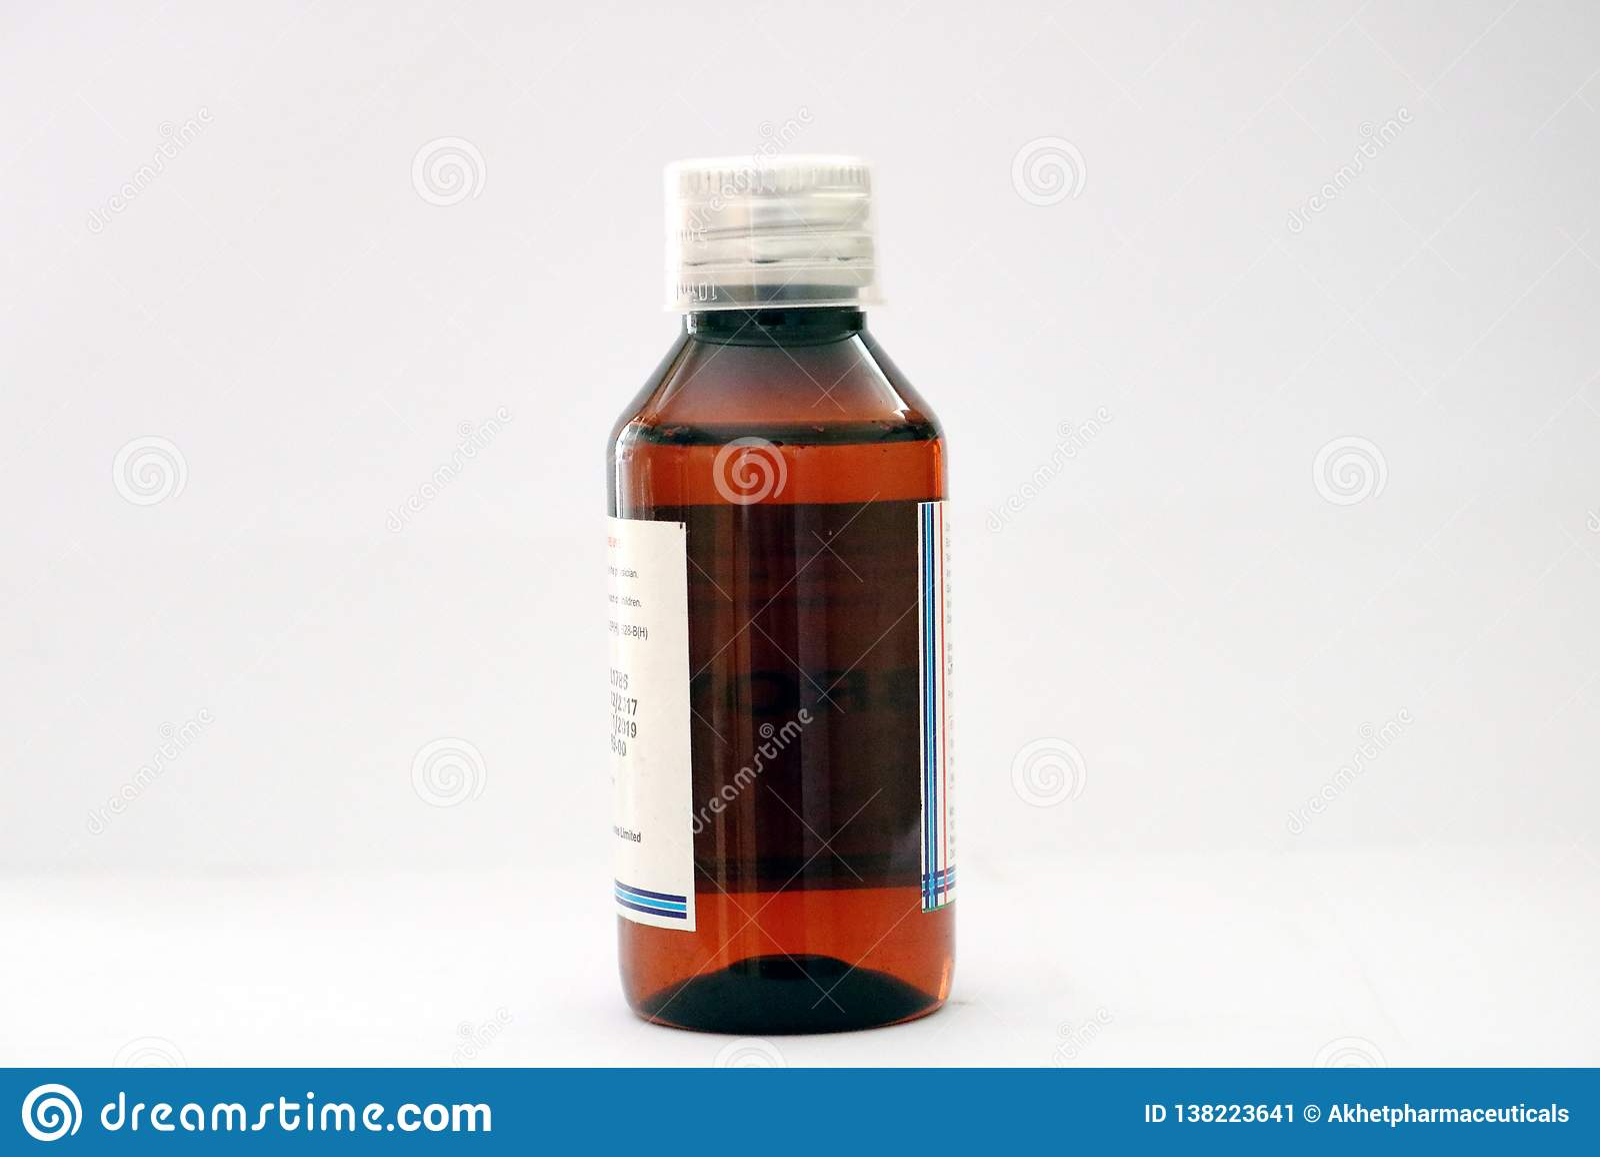 En bärnstensfärgad kulör medicinhusdjurflaska med det genomskinliga doseringlocket